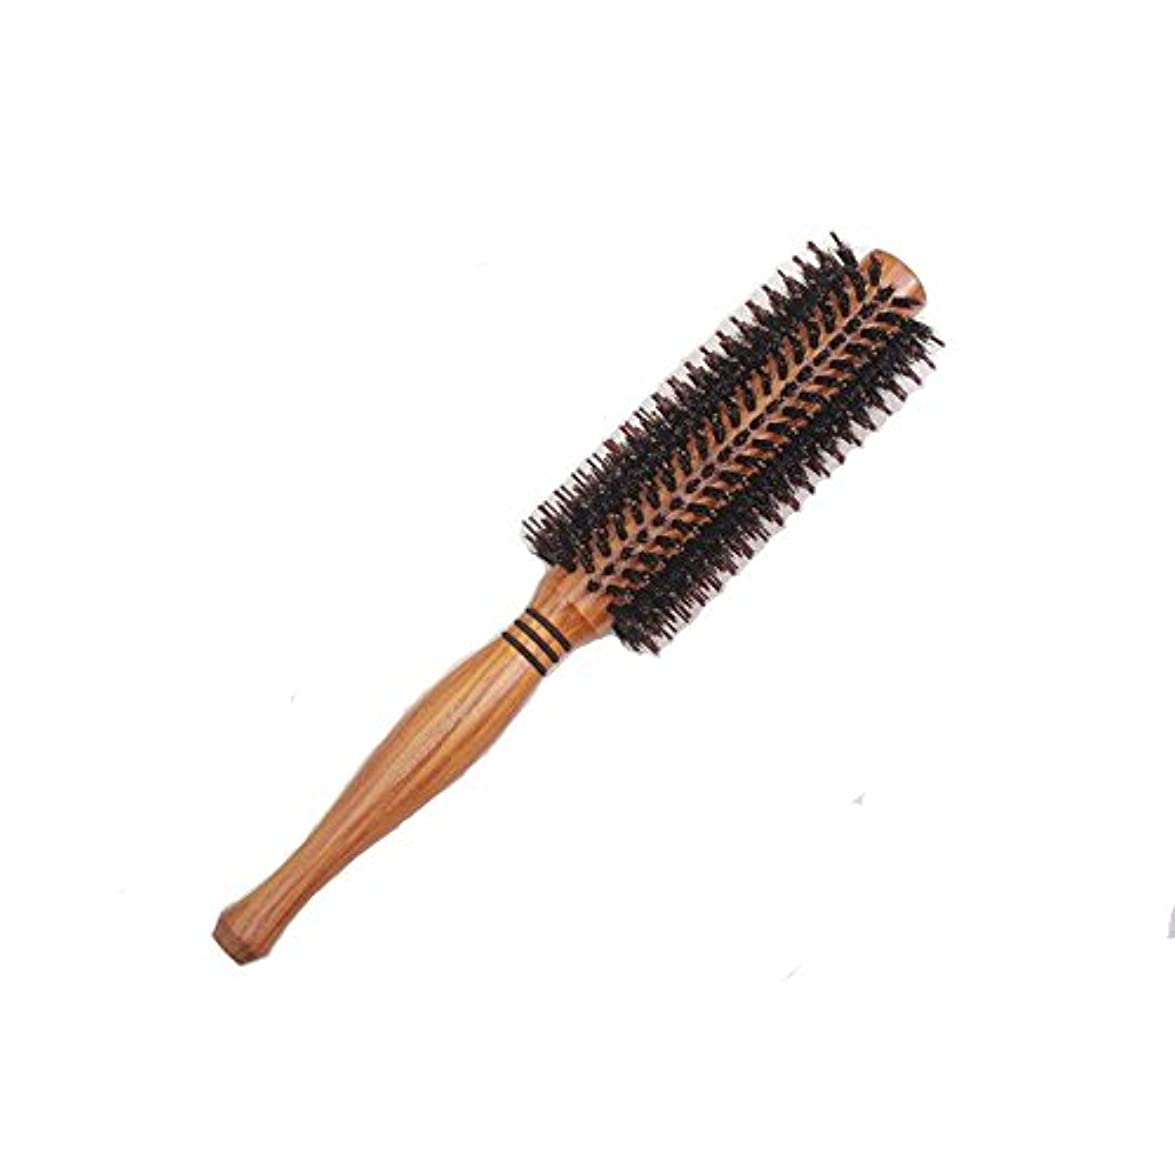 喪エンゲージメントファーザーファージュ天然ロールブラシ 豚毛 耐熱仕様 ブロー カール 巻き髪 ヘア ブラシ ロール